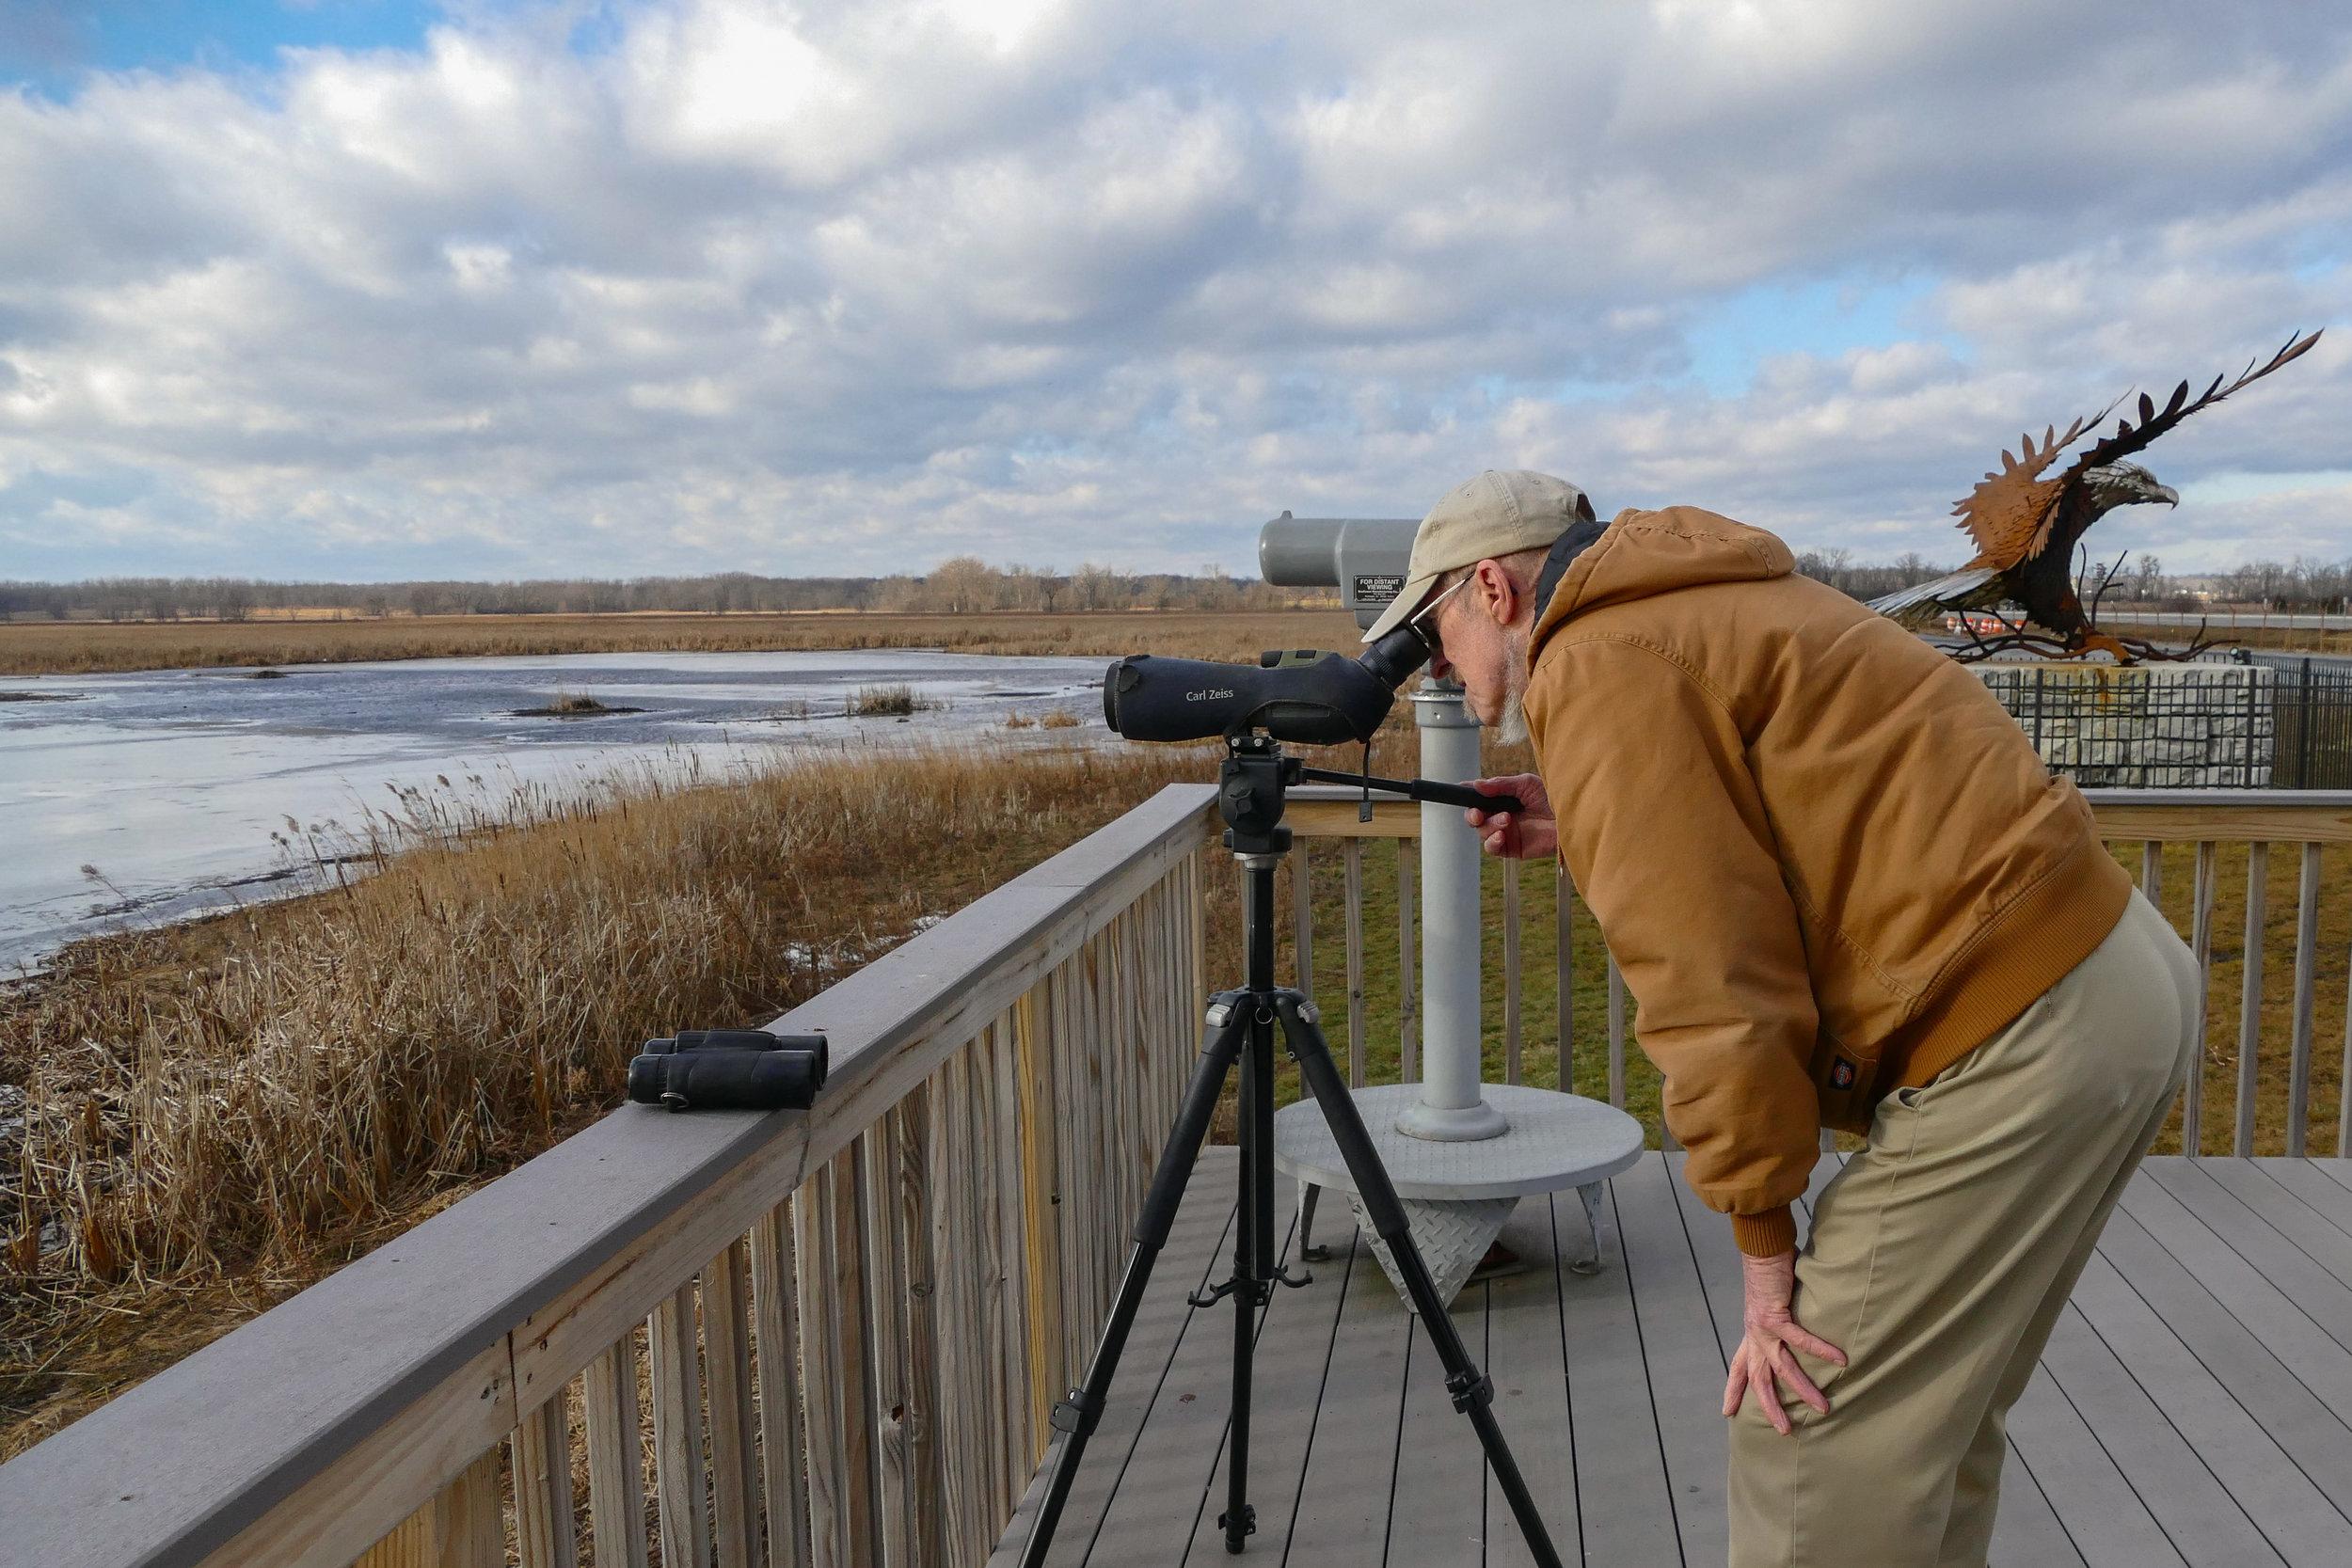 Bald eagle survey at Montezuma National Wildlife Refuge